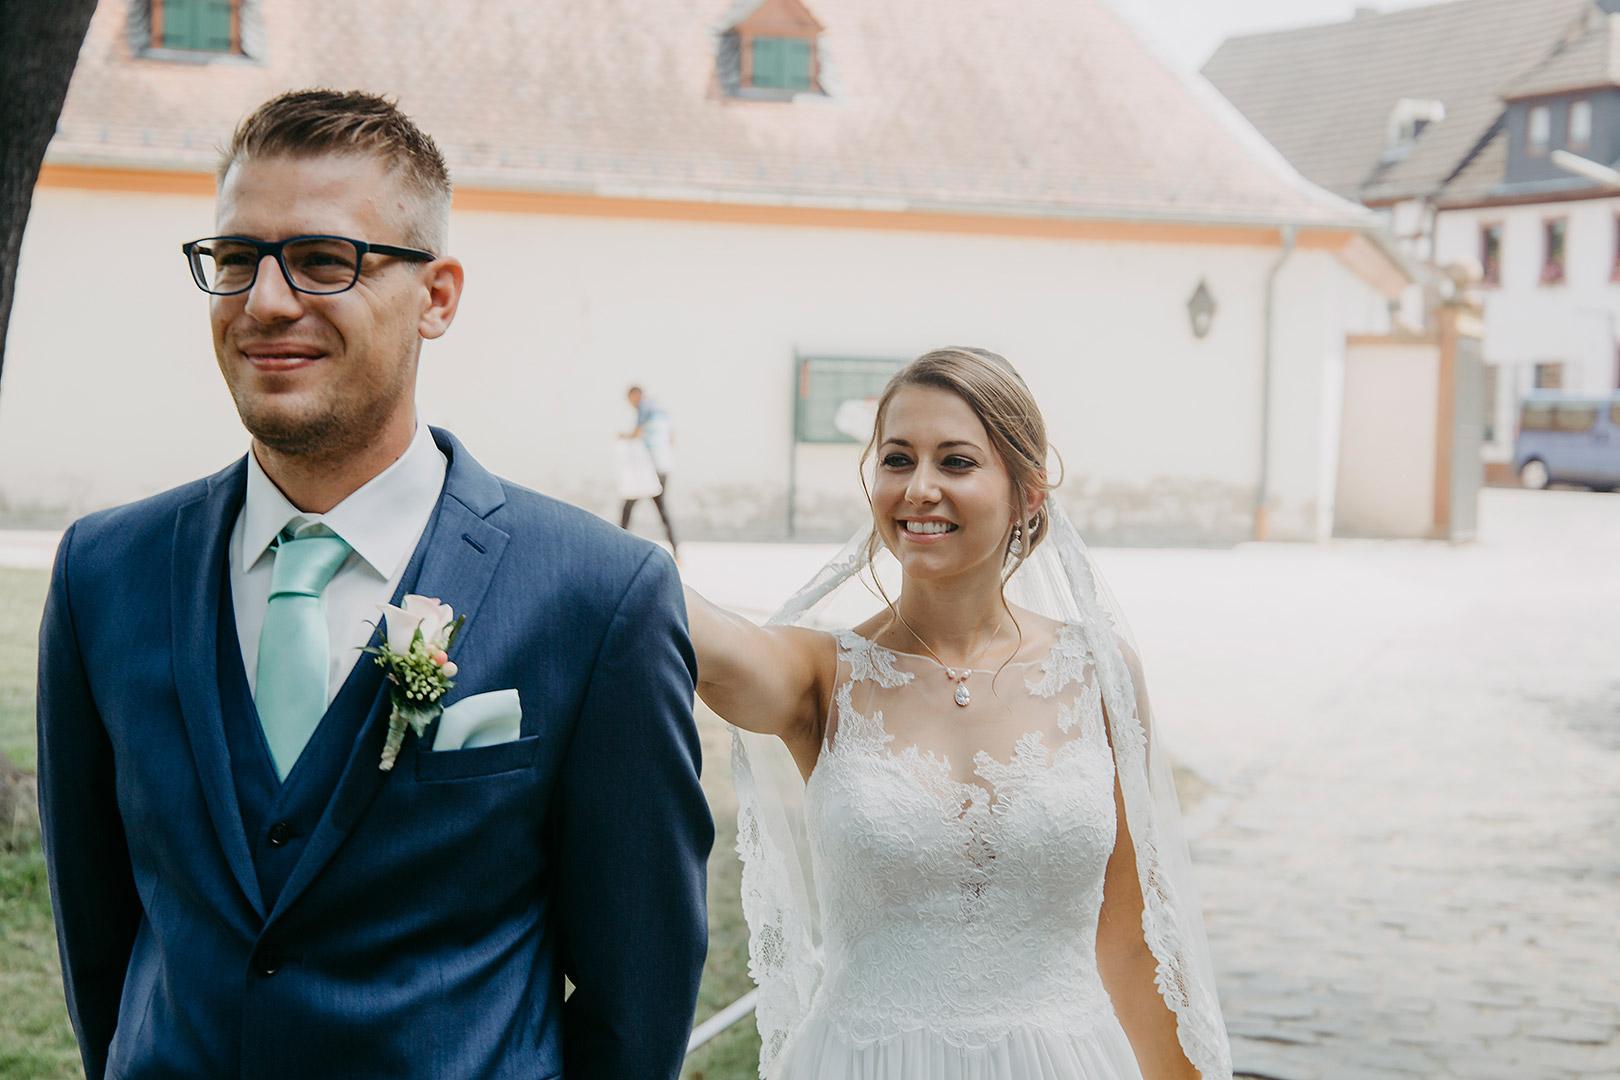 portrait_wedding_IsabellundOliver_101